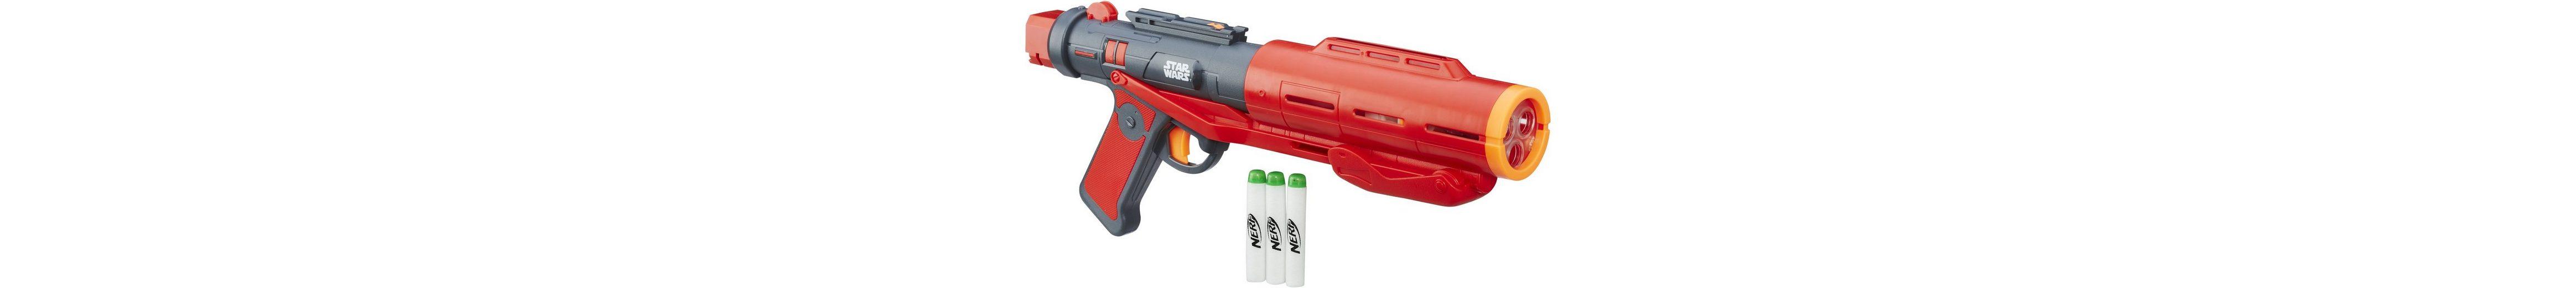 Hasbro Blaster, »Nerf Star Wars, Shark Trooper Deluxe Blaster«